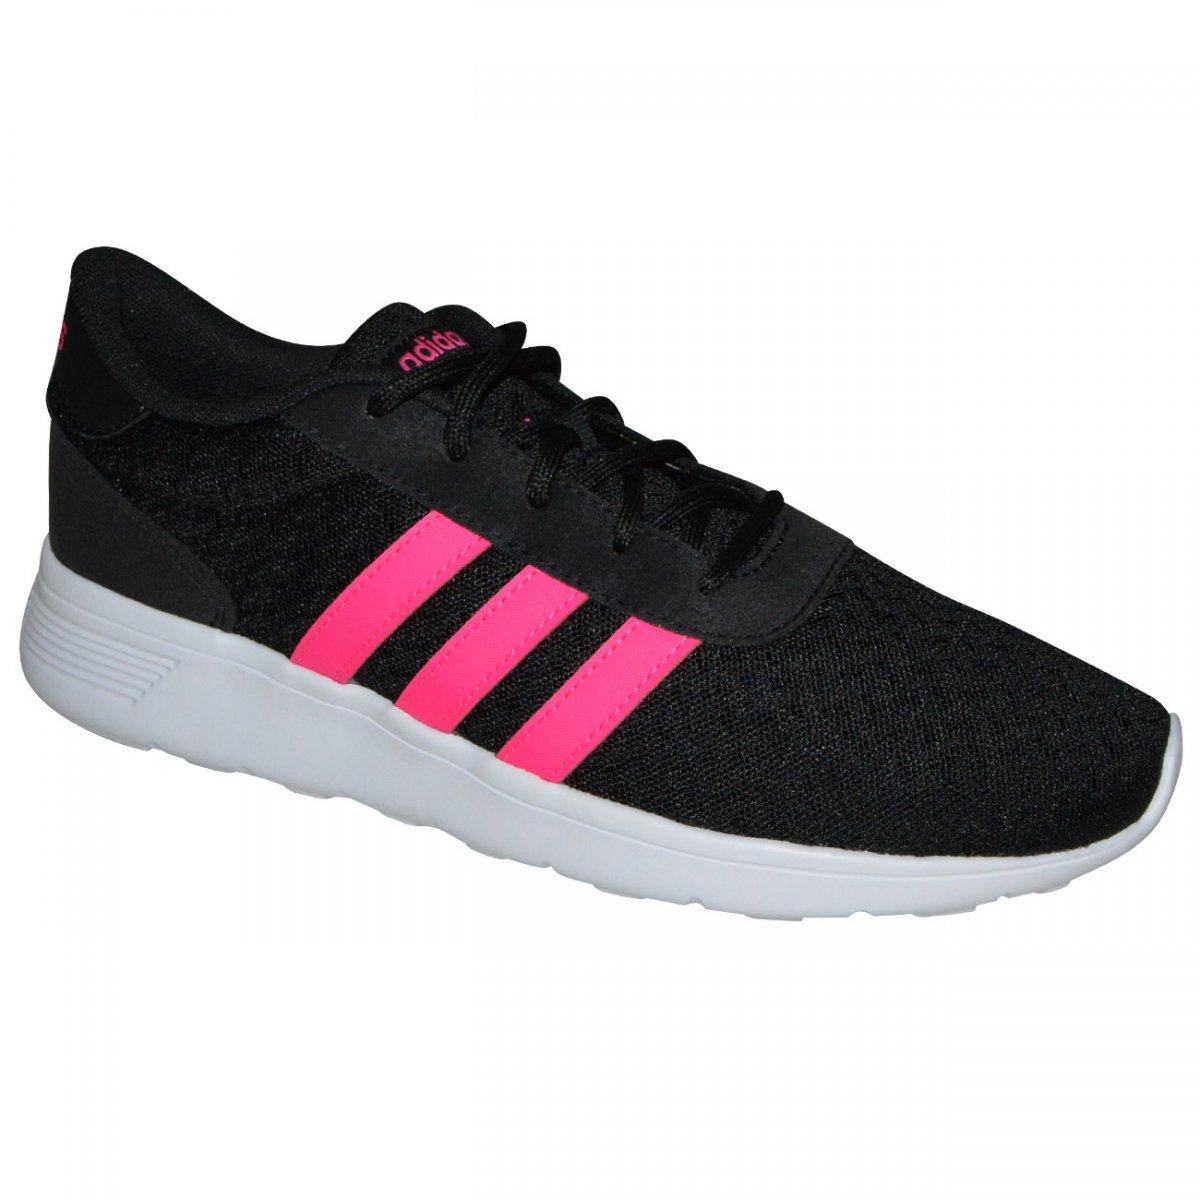 b6c9b62b57804 Tenis Adidas Lite Racer W BB9835 - Preto/Pink/Branco - Chuteira Nike, Adidas.  Sandalias Femininas. Sandy Calçados